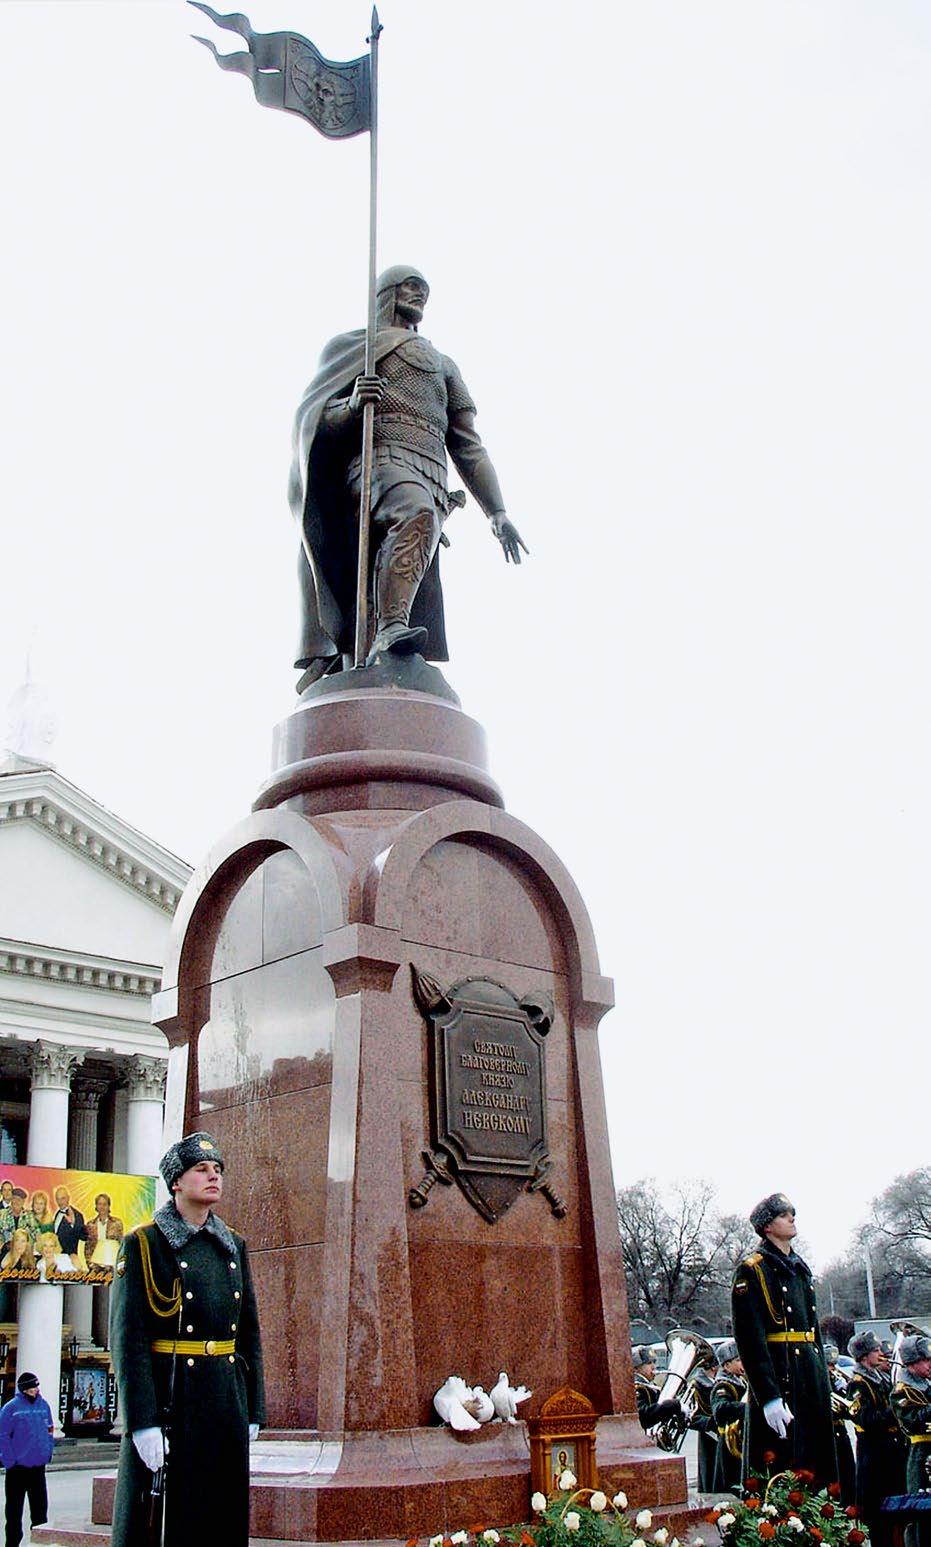 Памятник святому князю Александру Невскому в Волгограде